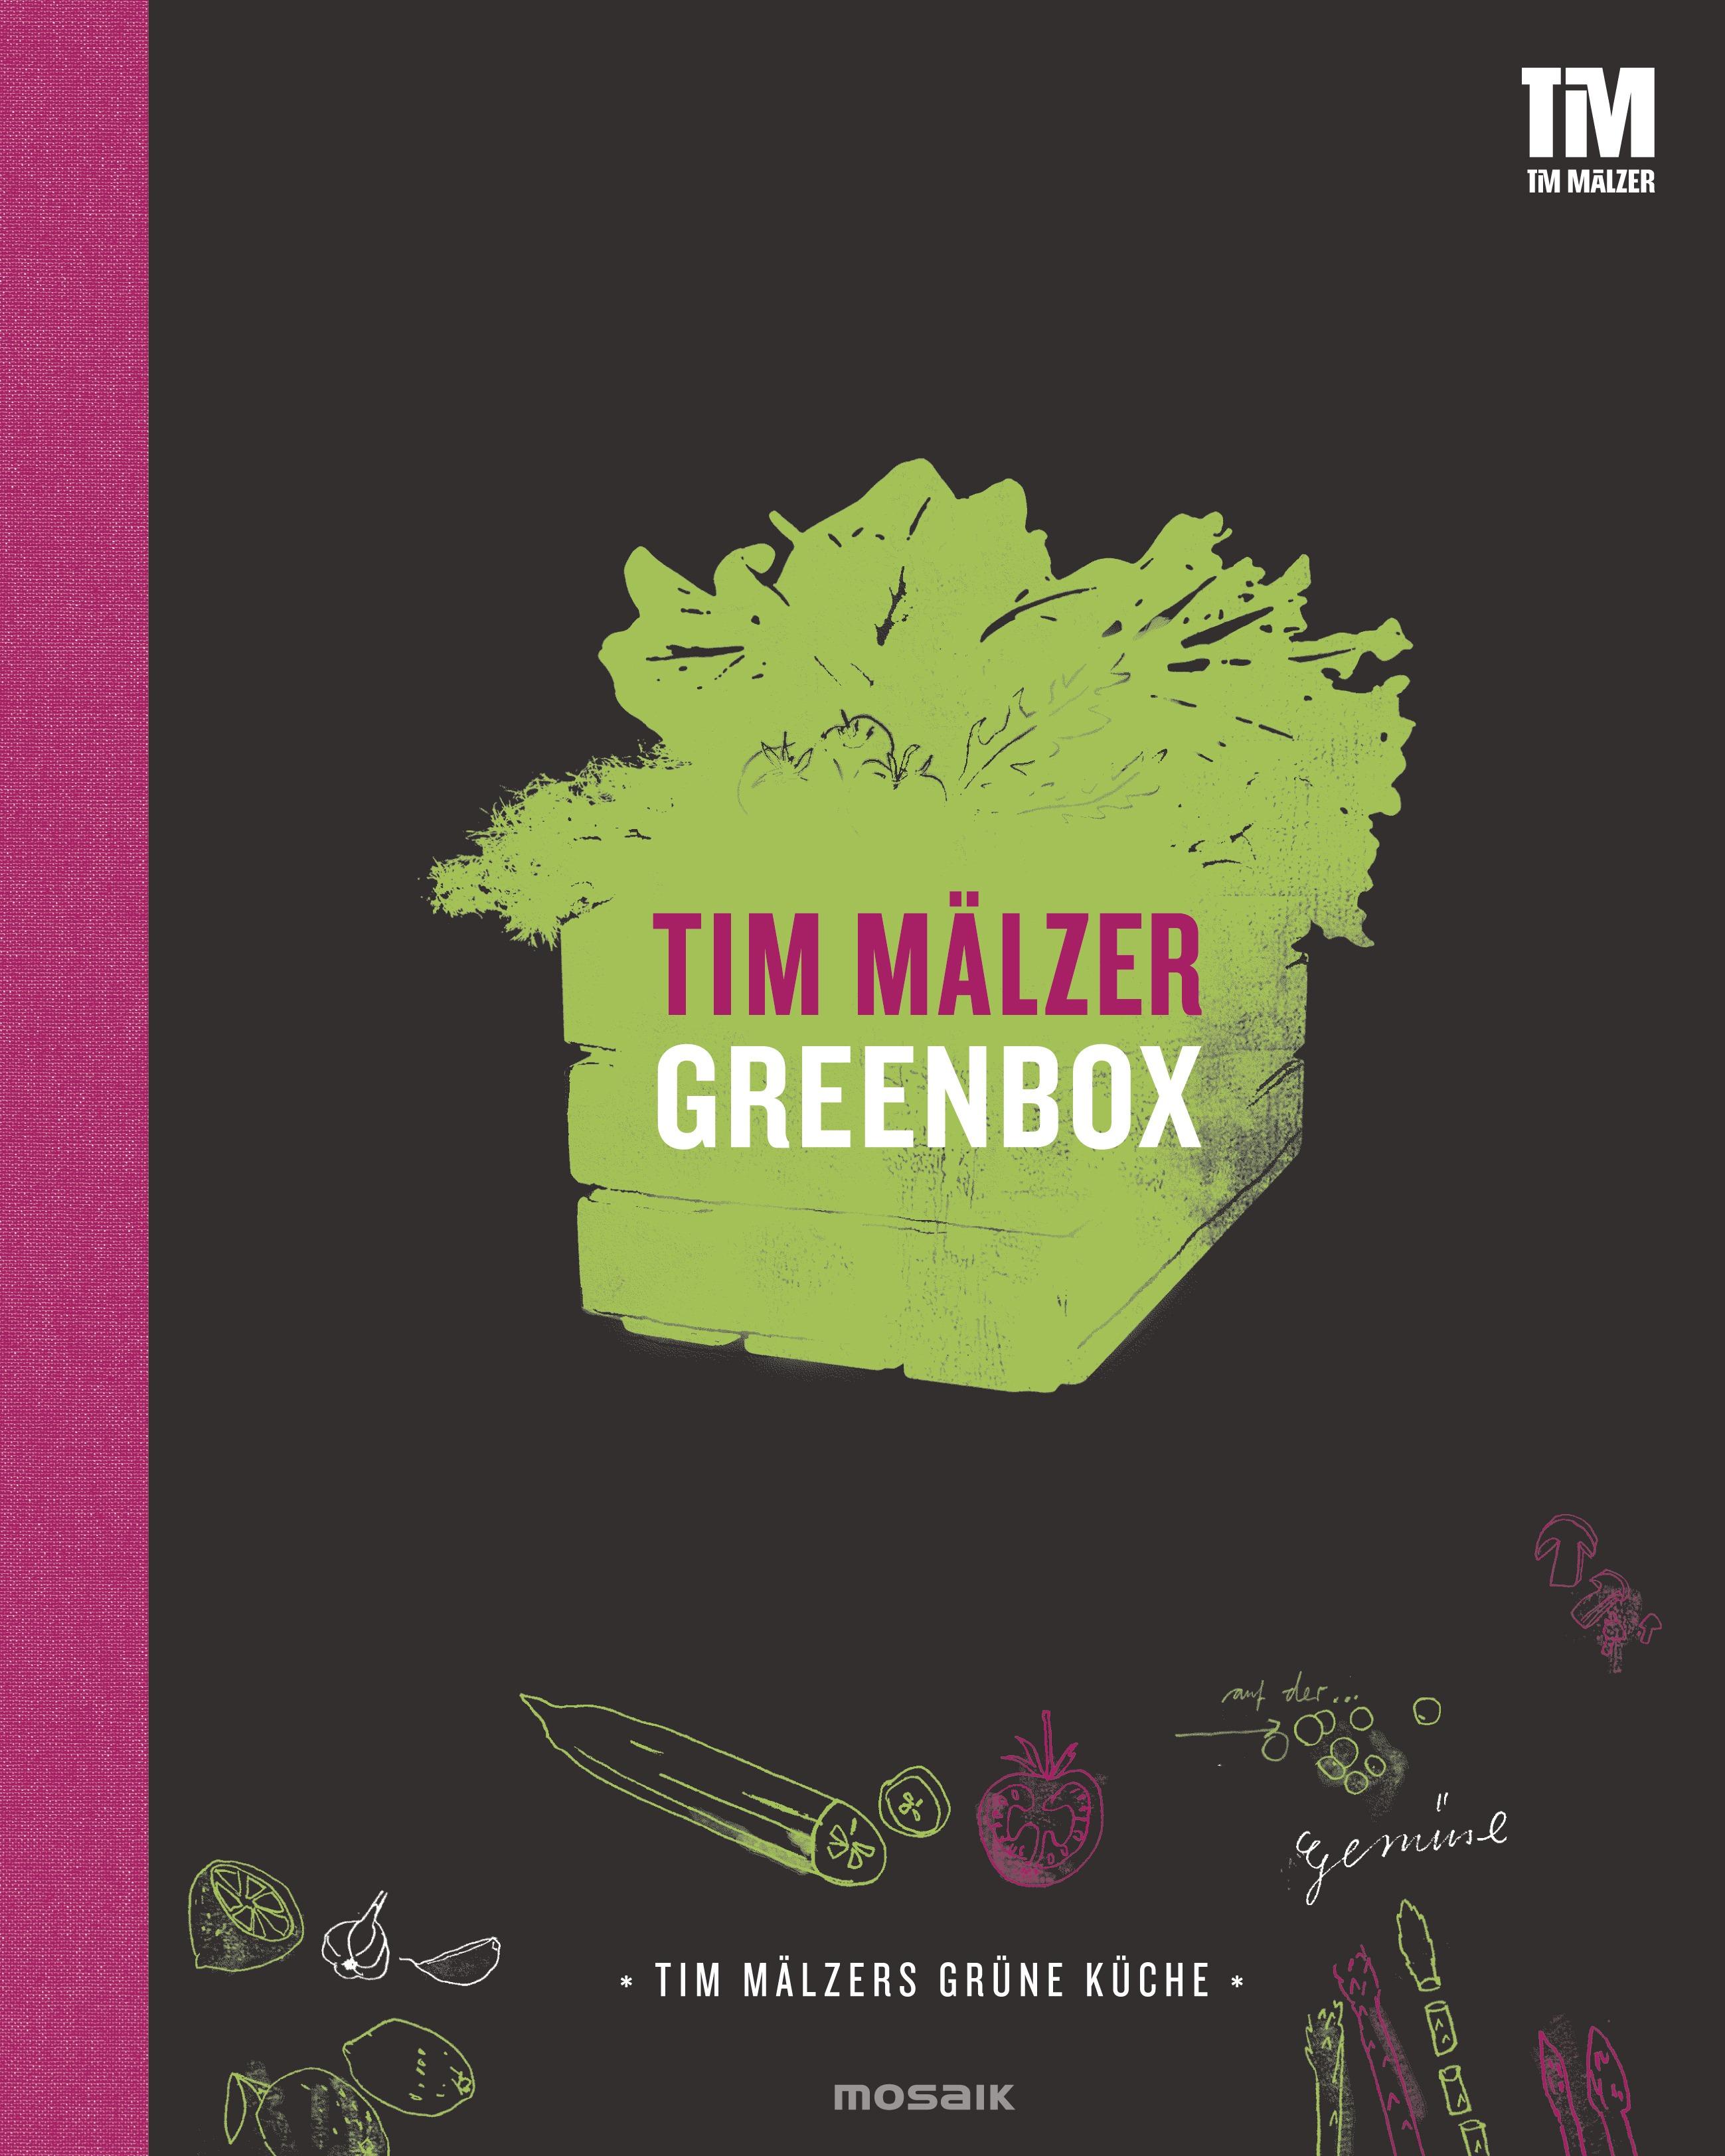 Greenbox - Tim Mälzer